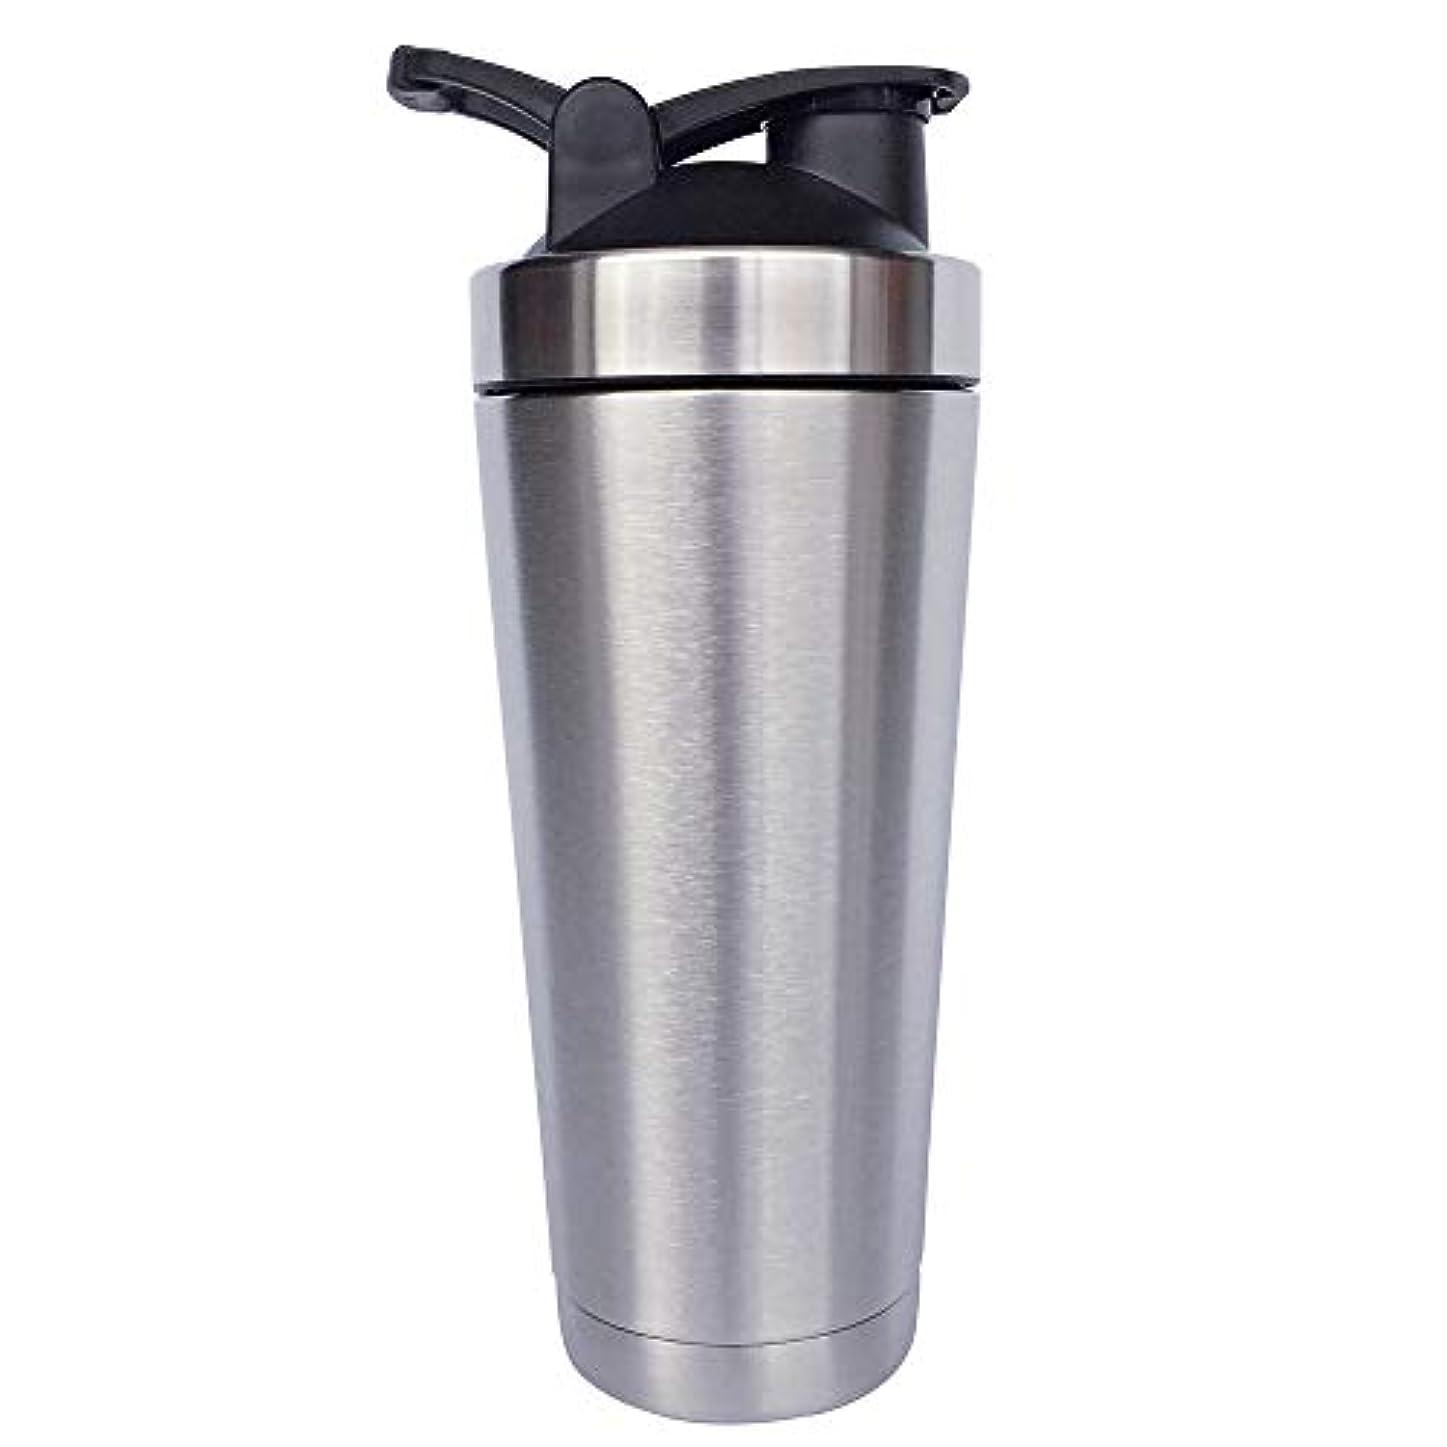 前方へ命令的名義でシェーカーボトル-二重壁ステンレス鋼 & 真空断熱-時間のためのホットまたはコールドドリンクをキープ-臭気耐性抗菌汗プルーフ-環境にやさしい無毒 (銀),720ml